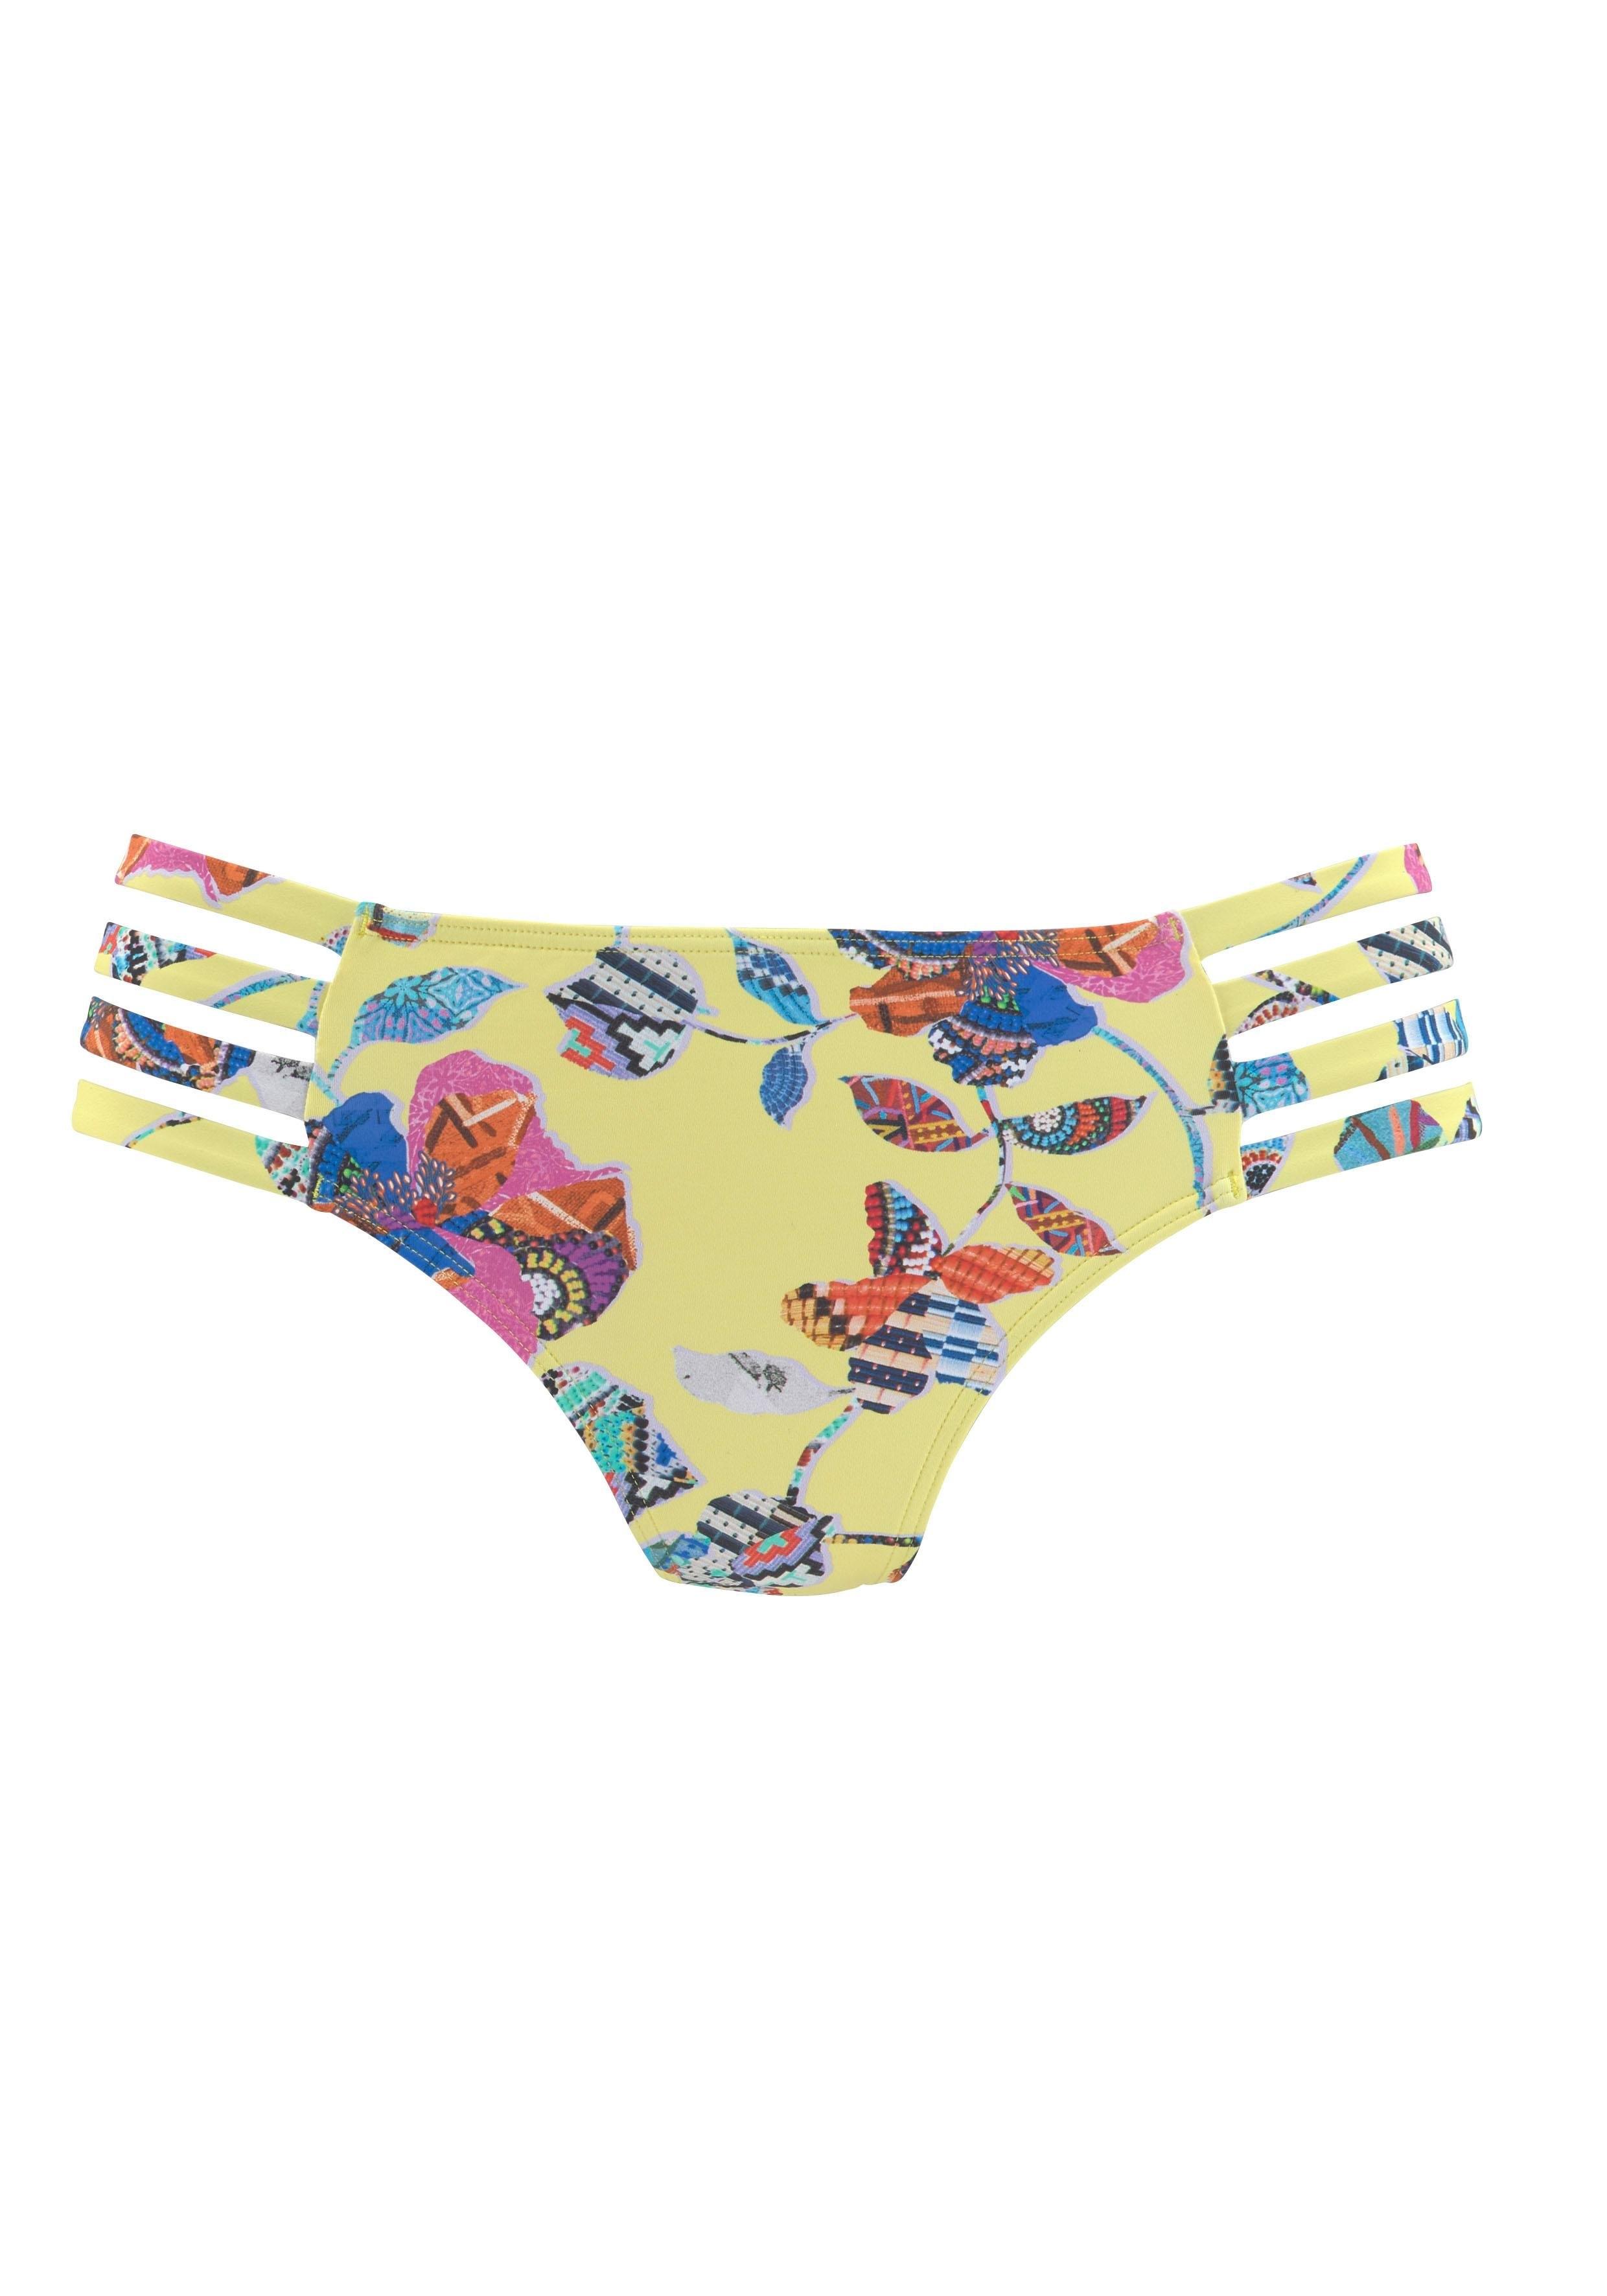 Sunseeker bikinibroekje »Jam« goedkoop op lascana.nl kopen